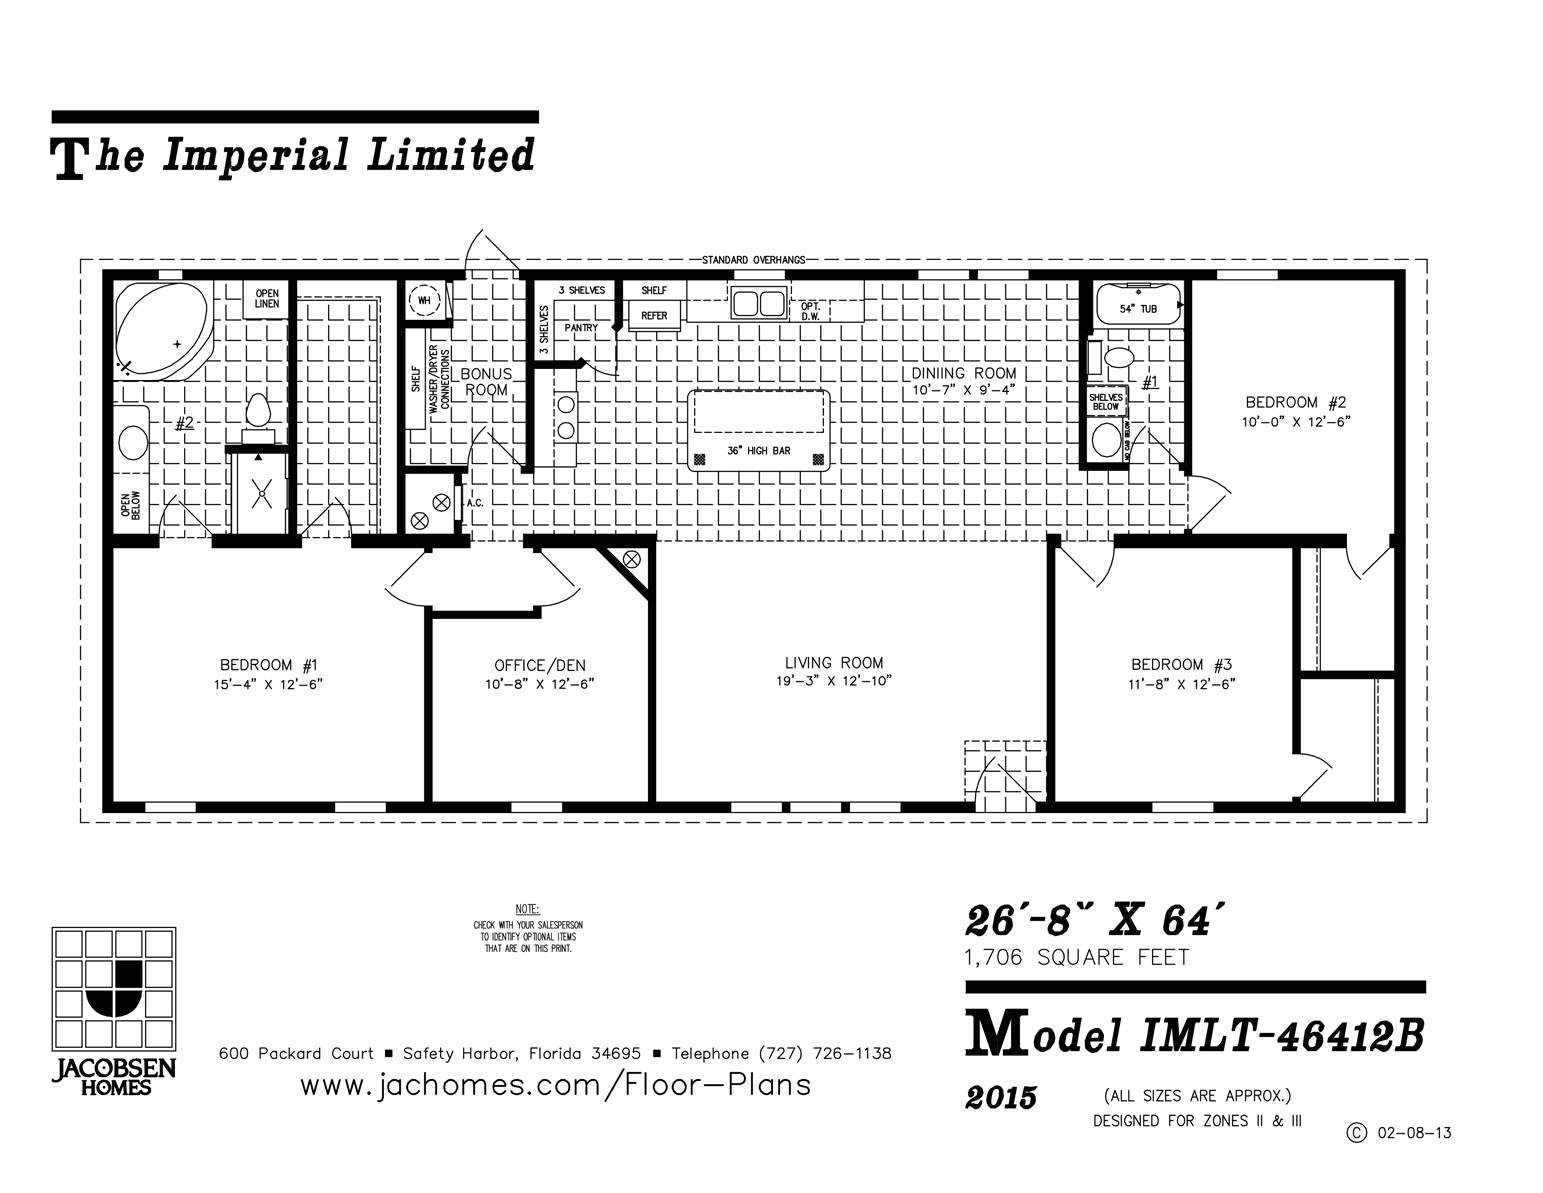 imlt 46412b mobile home floor plan